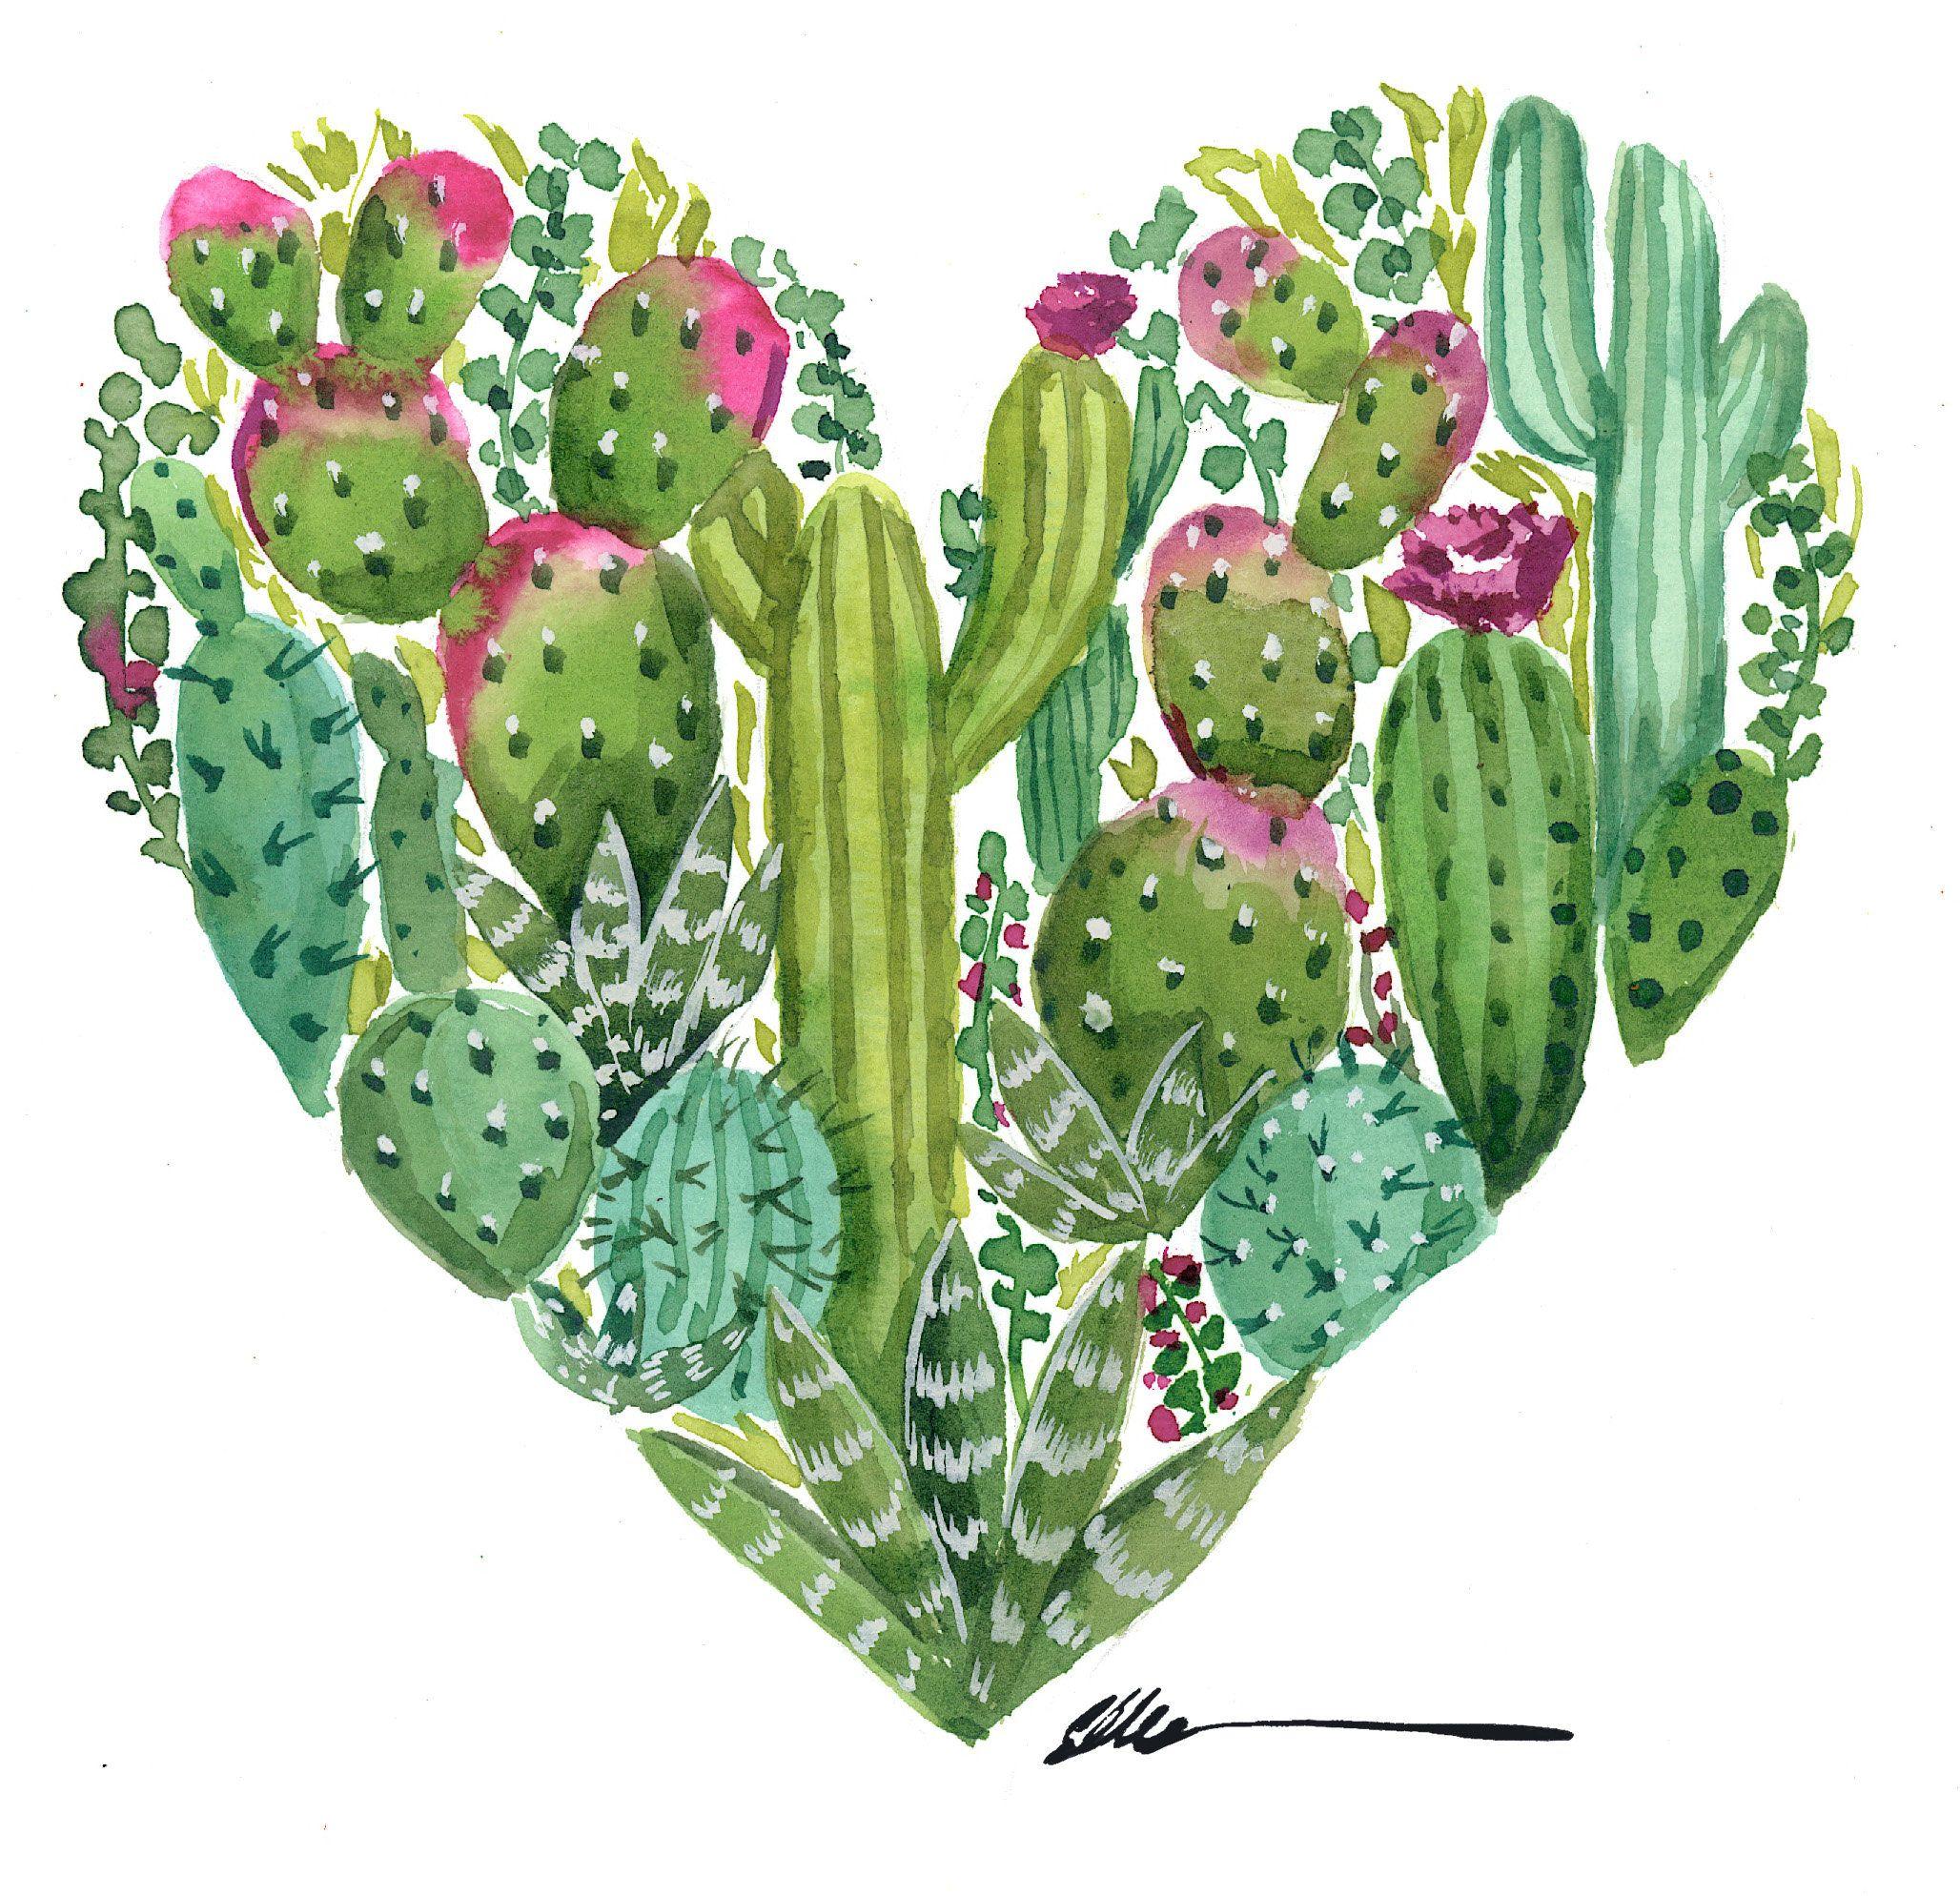 Cactus Heart Original Watercolor Painting Ellencrimitrent Cactus Art Cactus Paintings Cactus Drawing